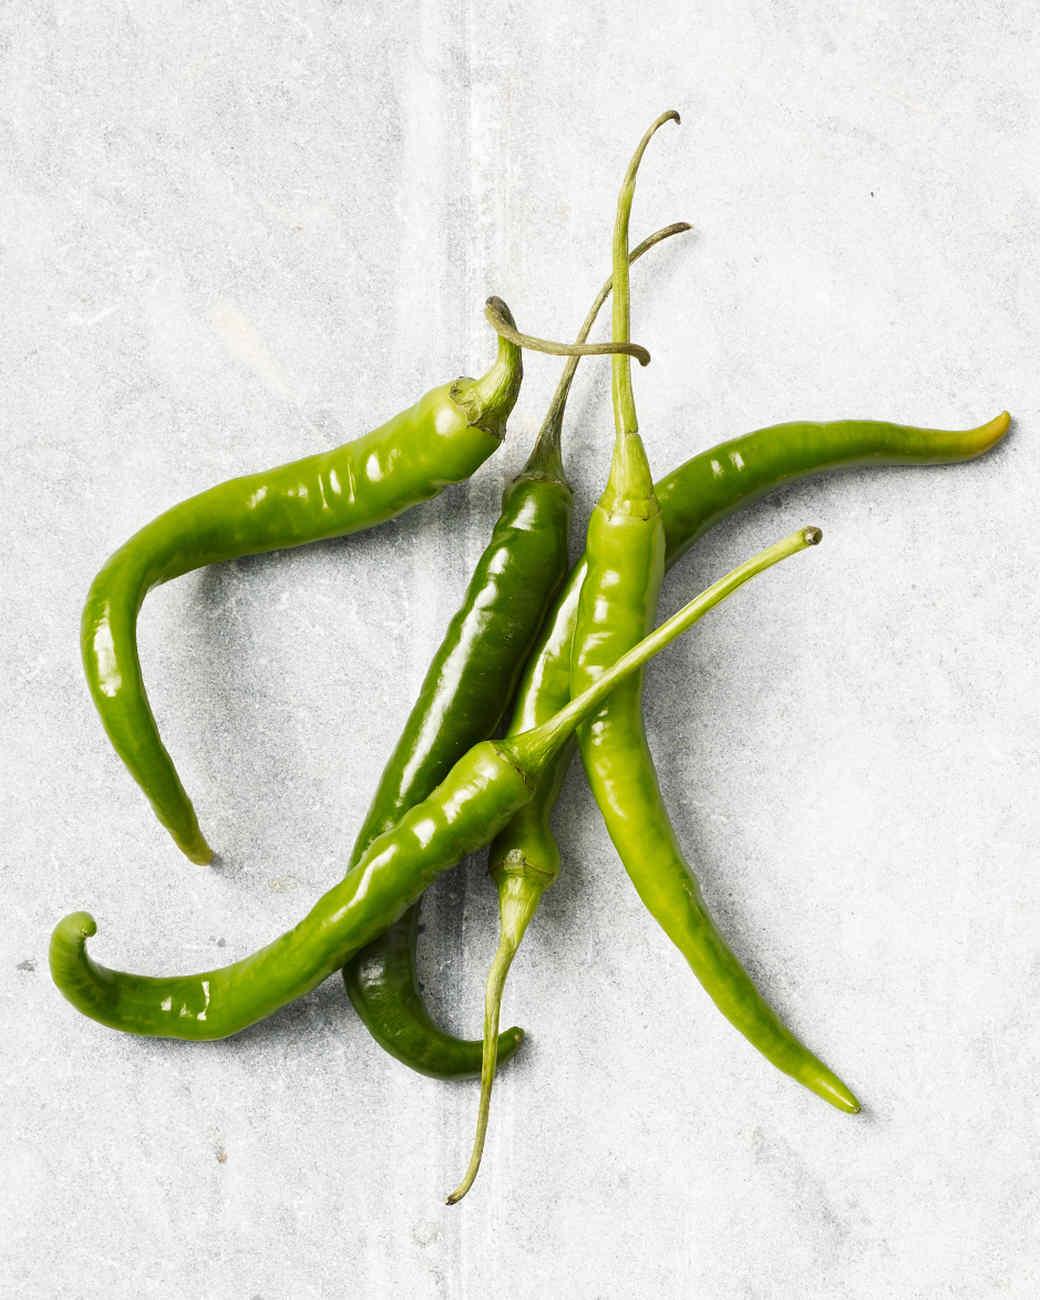 green-finger-hot-peppers-164-d110163.jpg